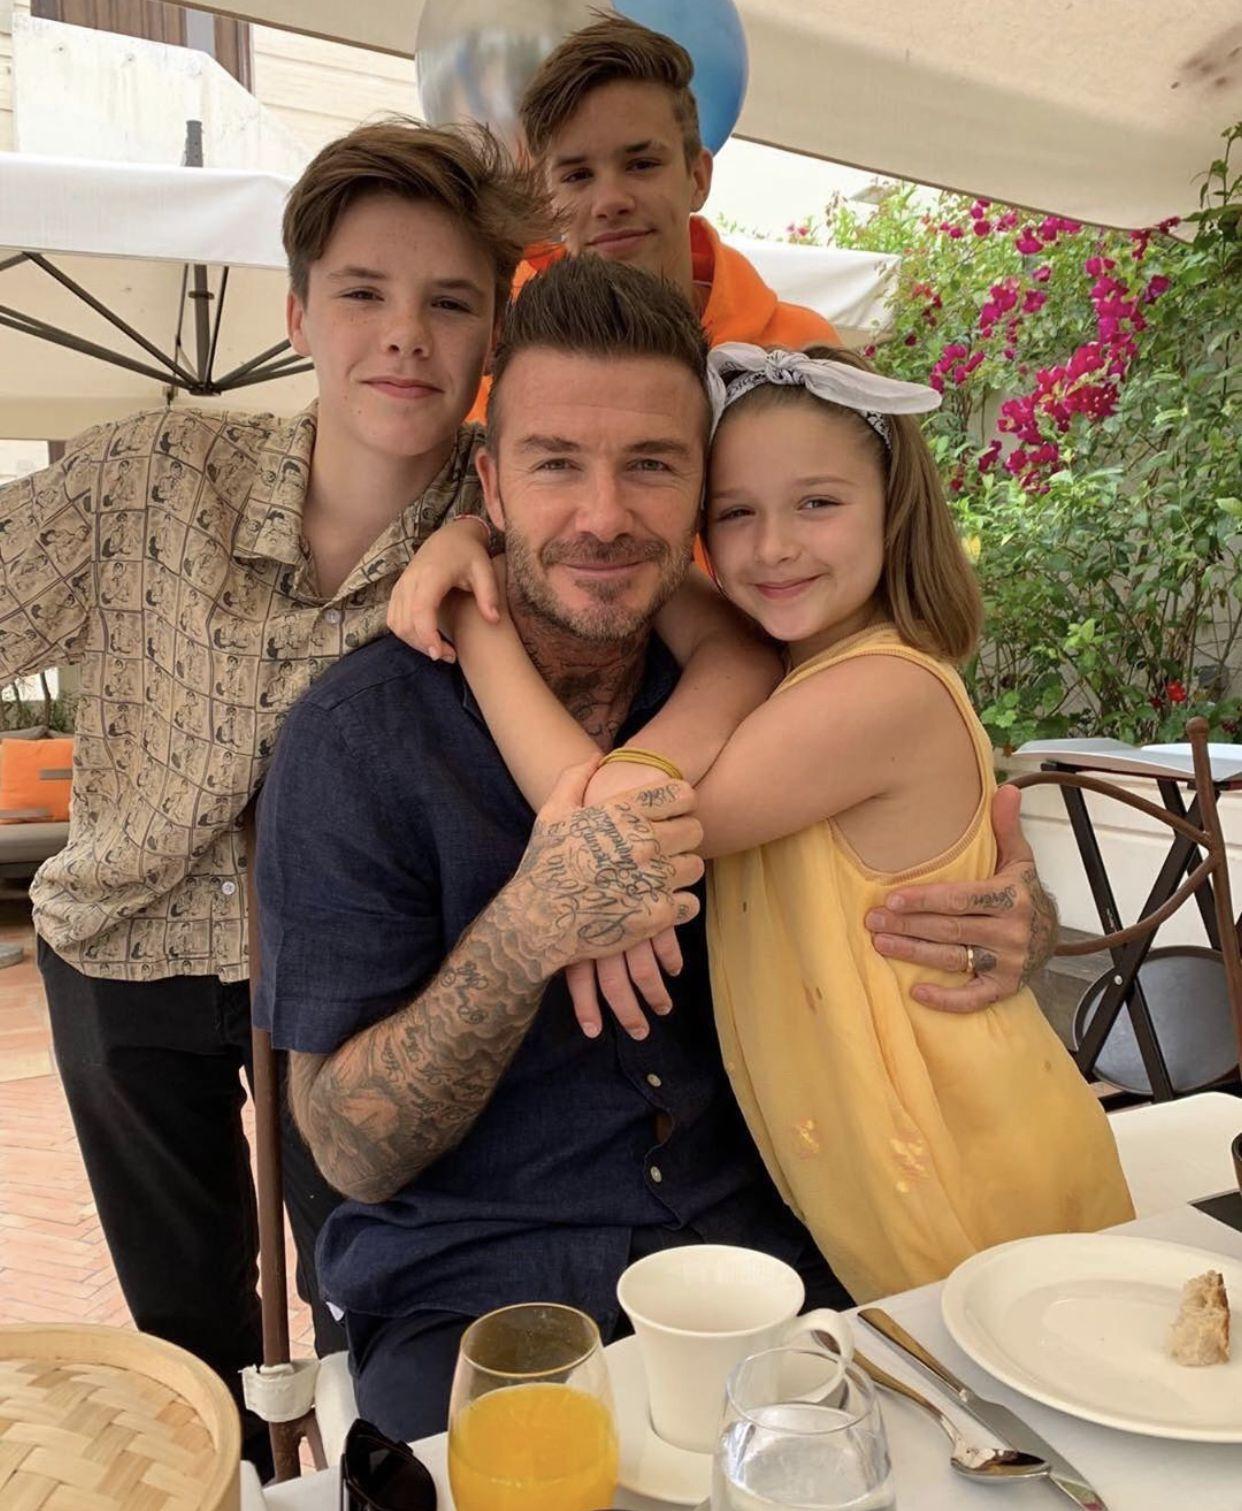 الصورة التي نشرتها فيكتوريا بيكهام لزوجها وأبنائها